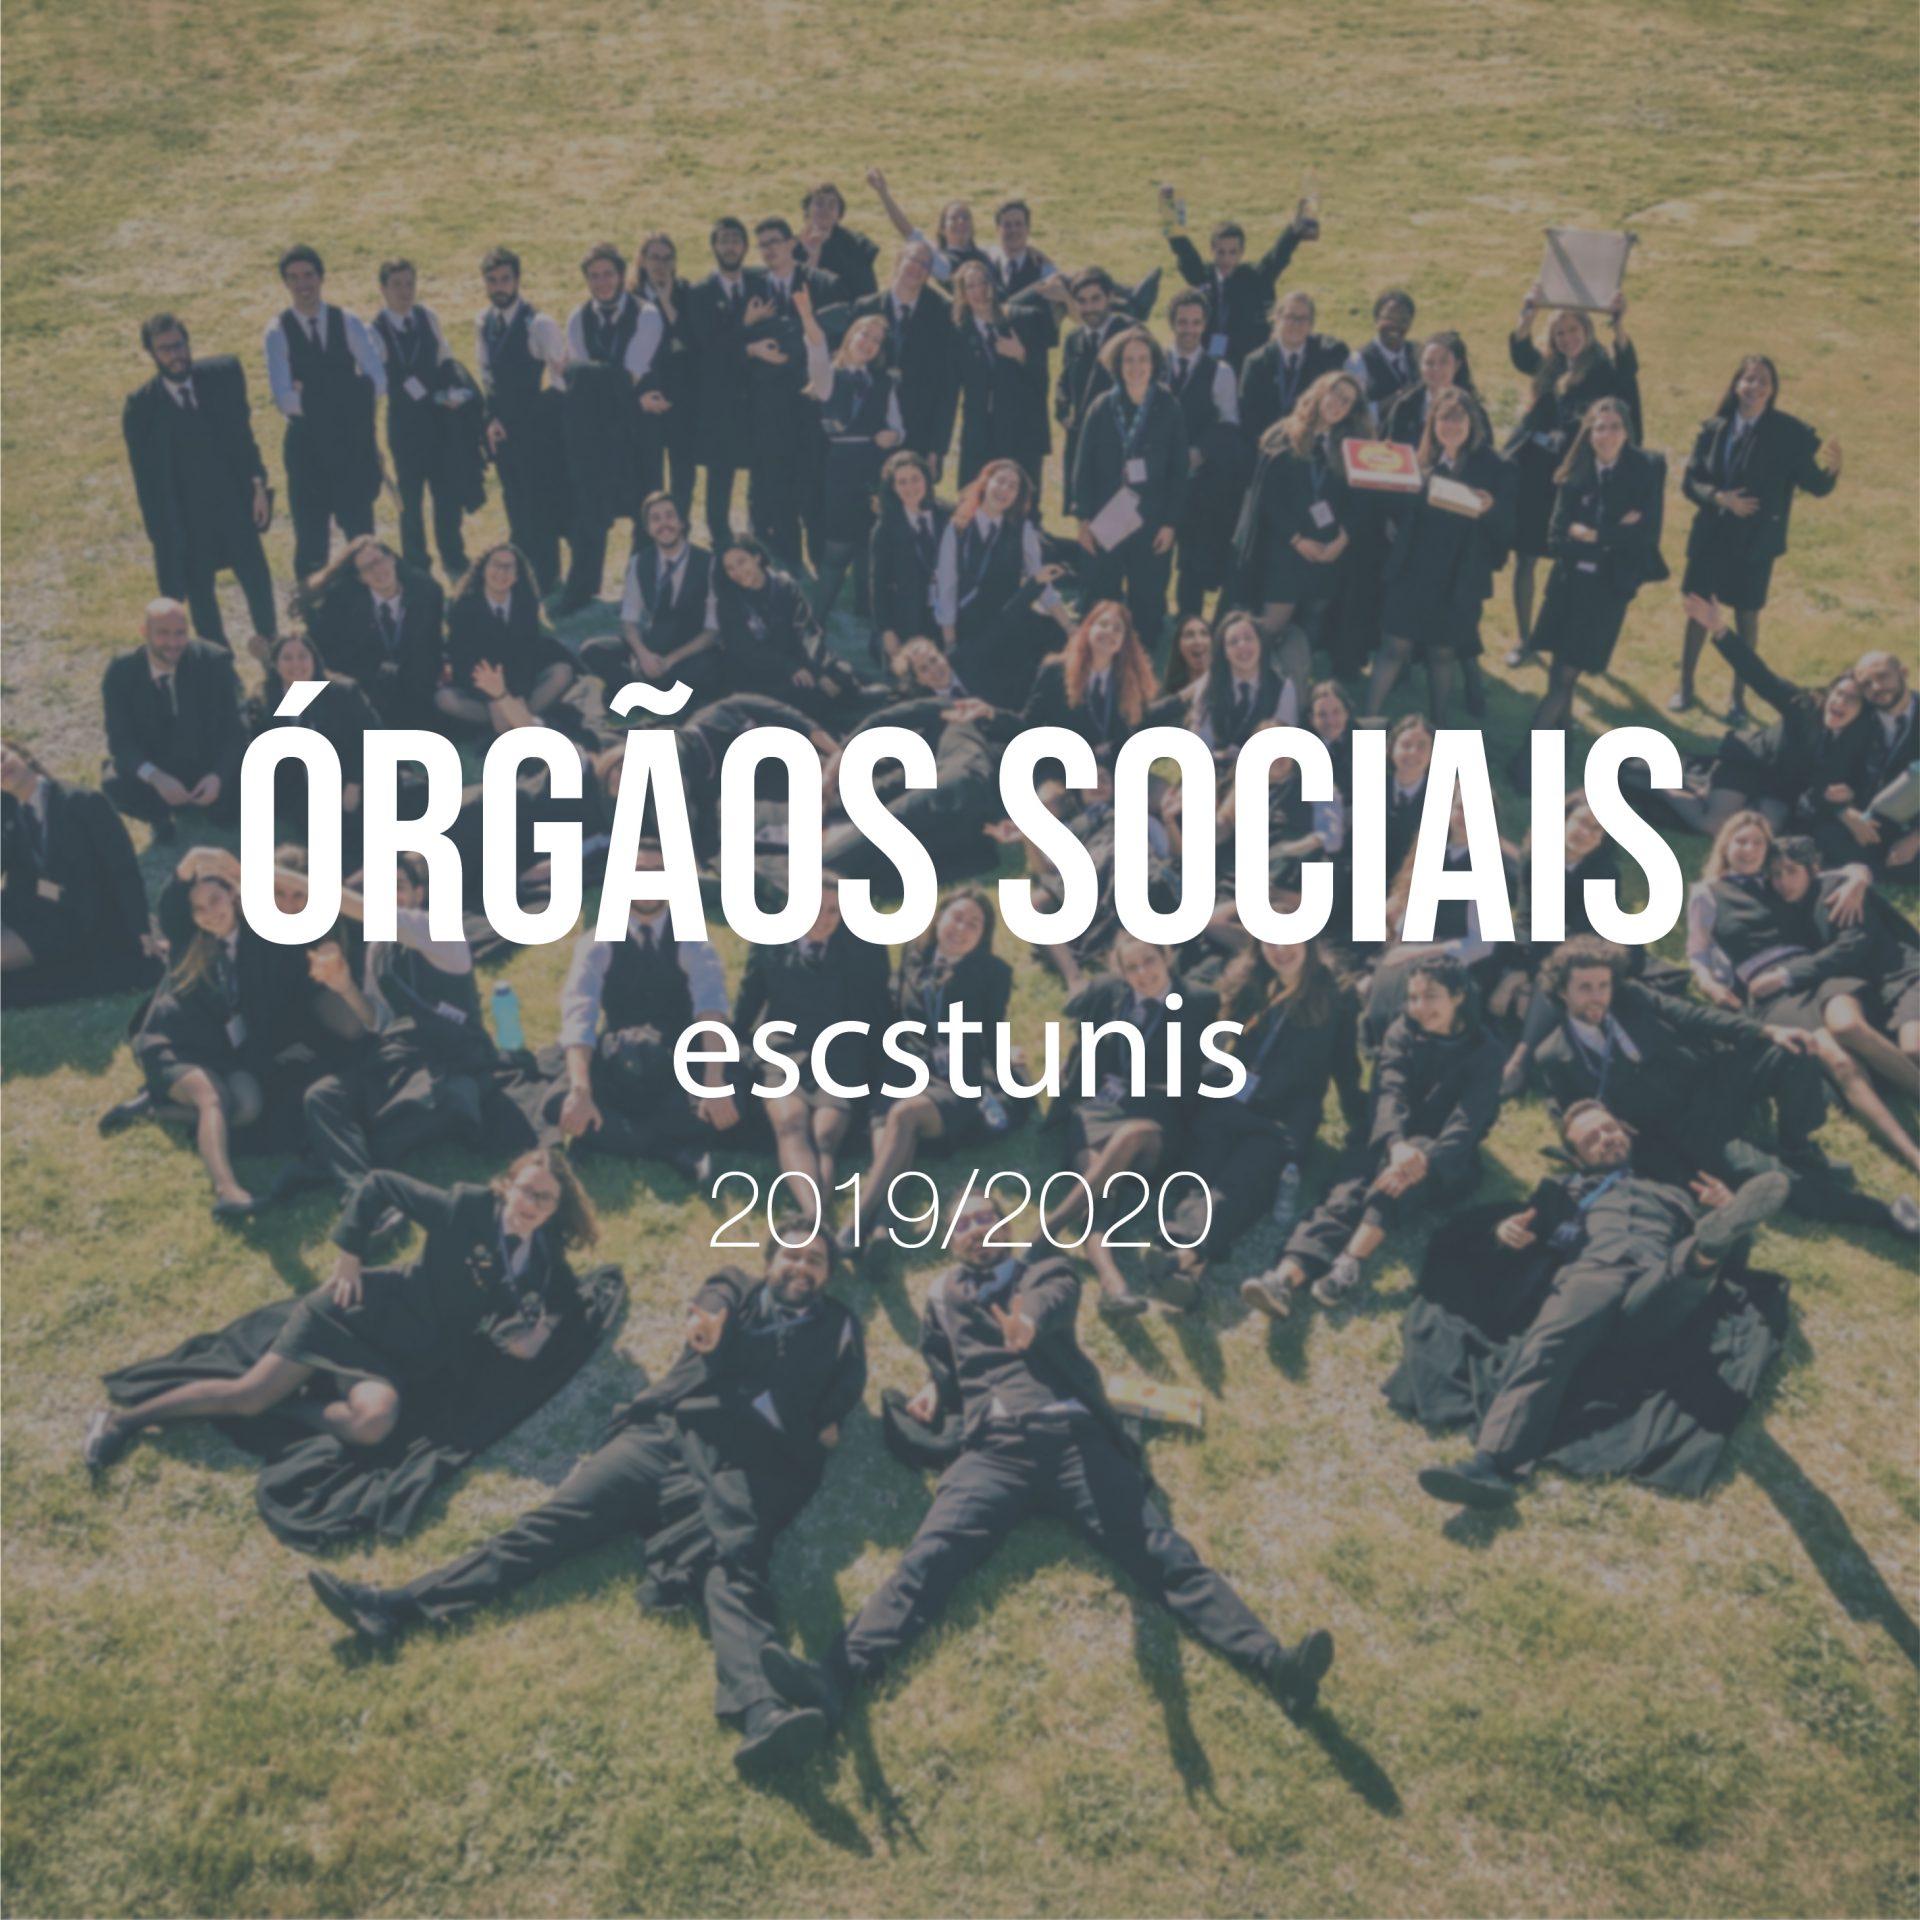 orgaos_sociais_19_20-04